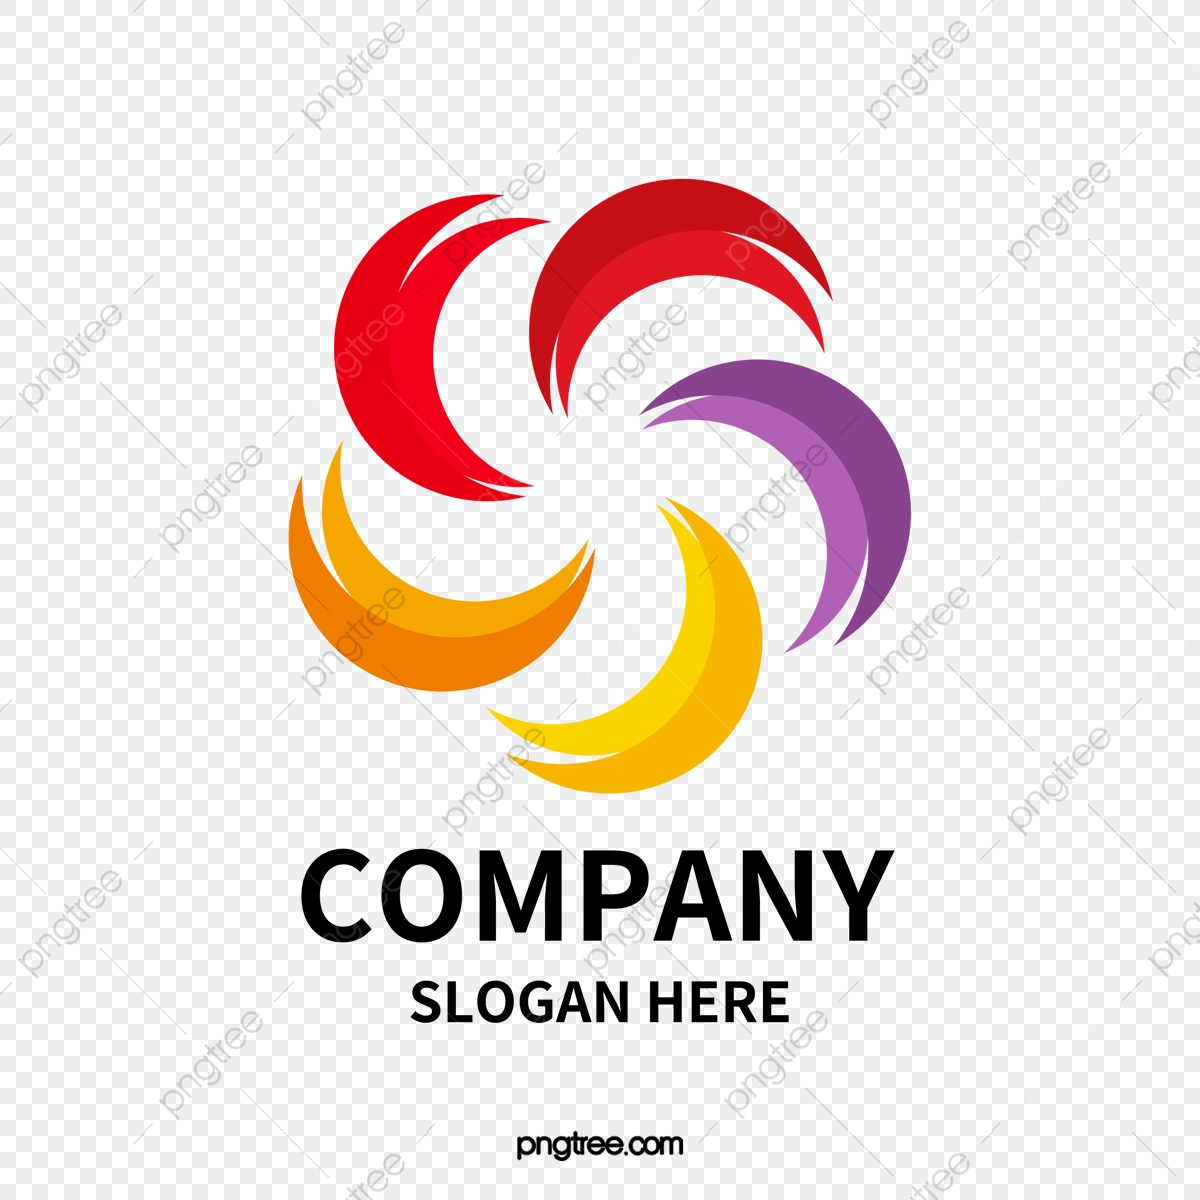 Creativo Logotipo De La Empresa, Logotipo De La Empresa.